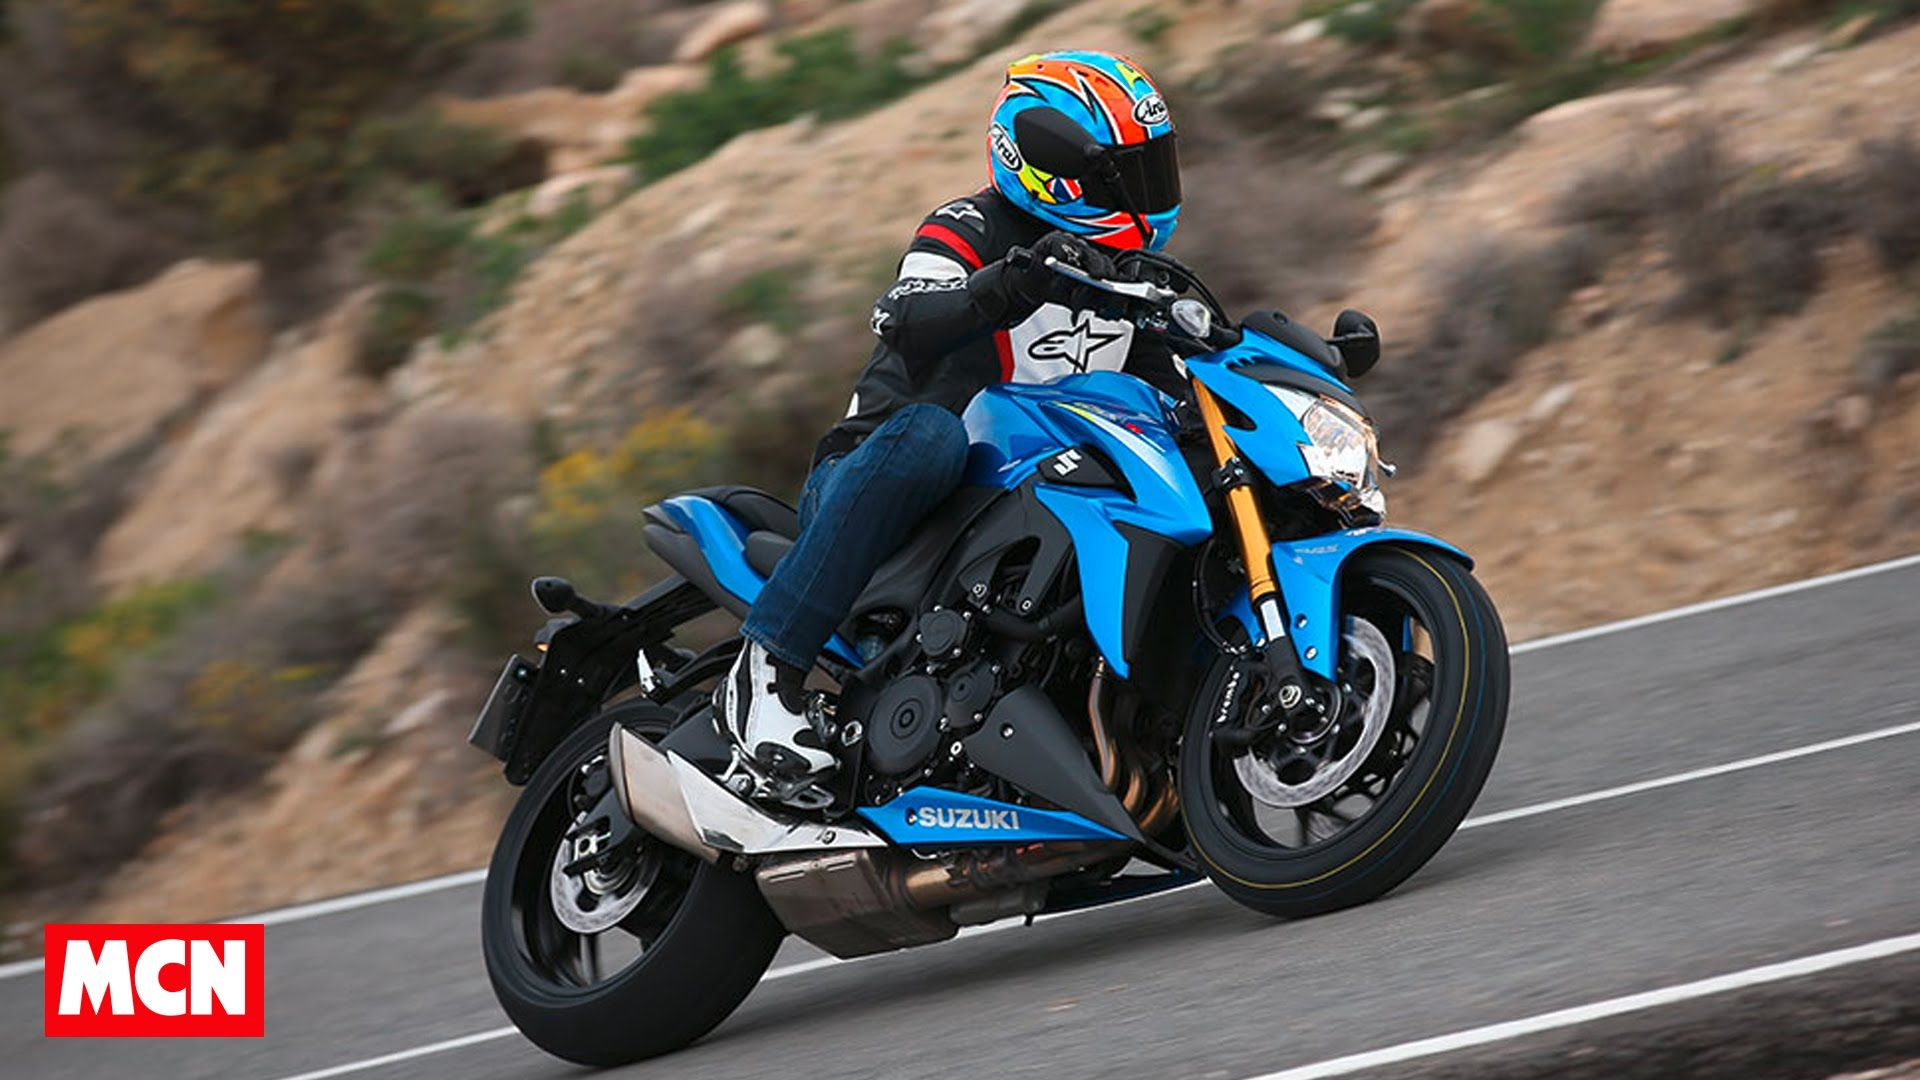 Suzuki Gsx S1000 Verdict Review Motorcyclenews Com Suzuki